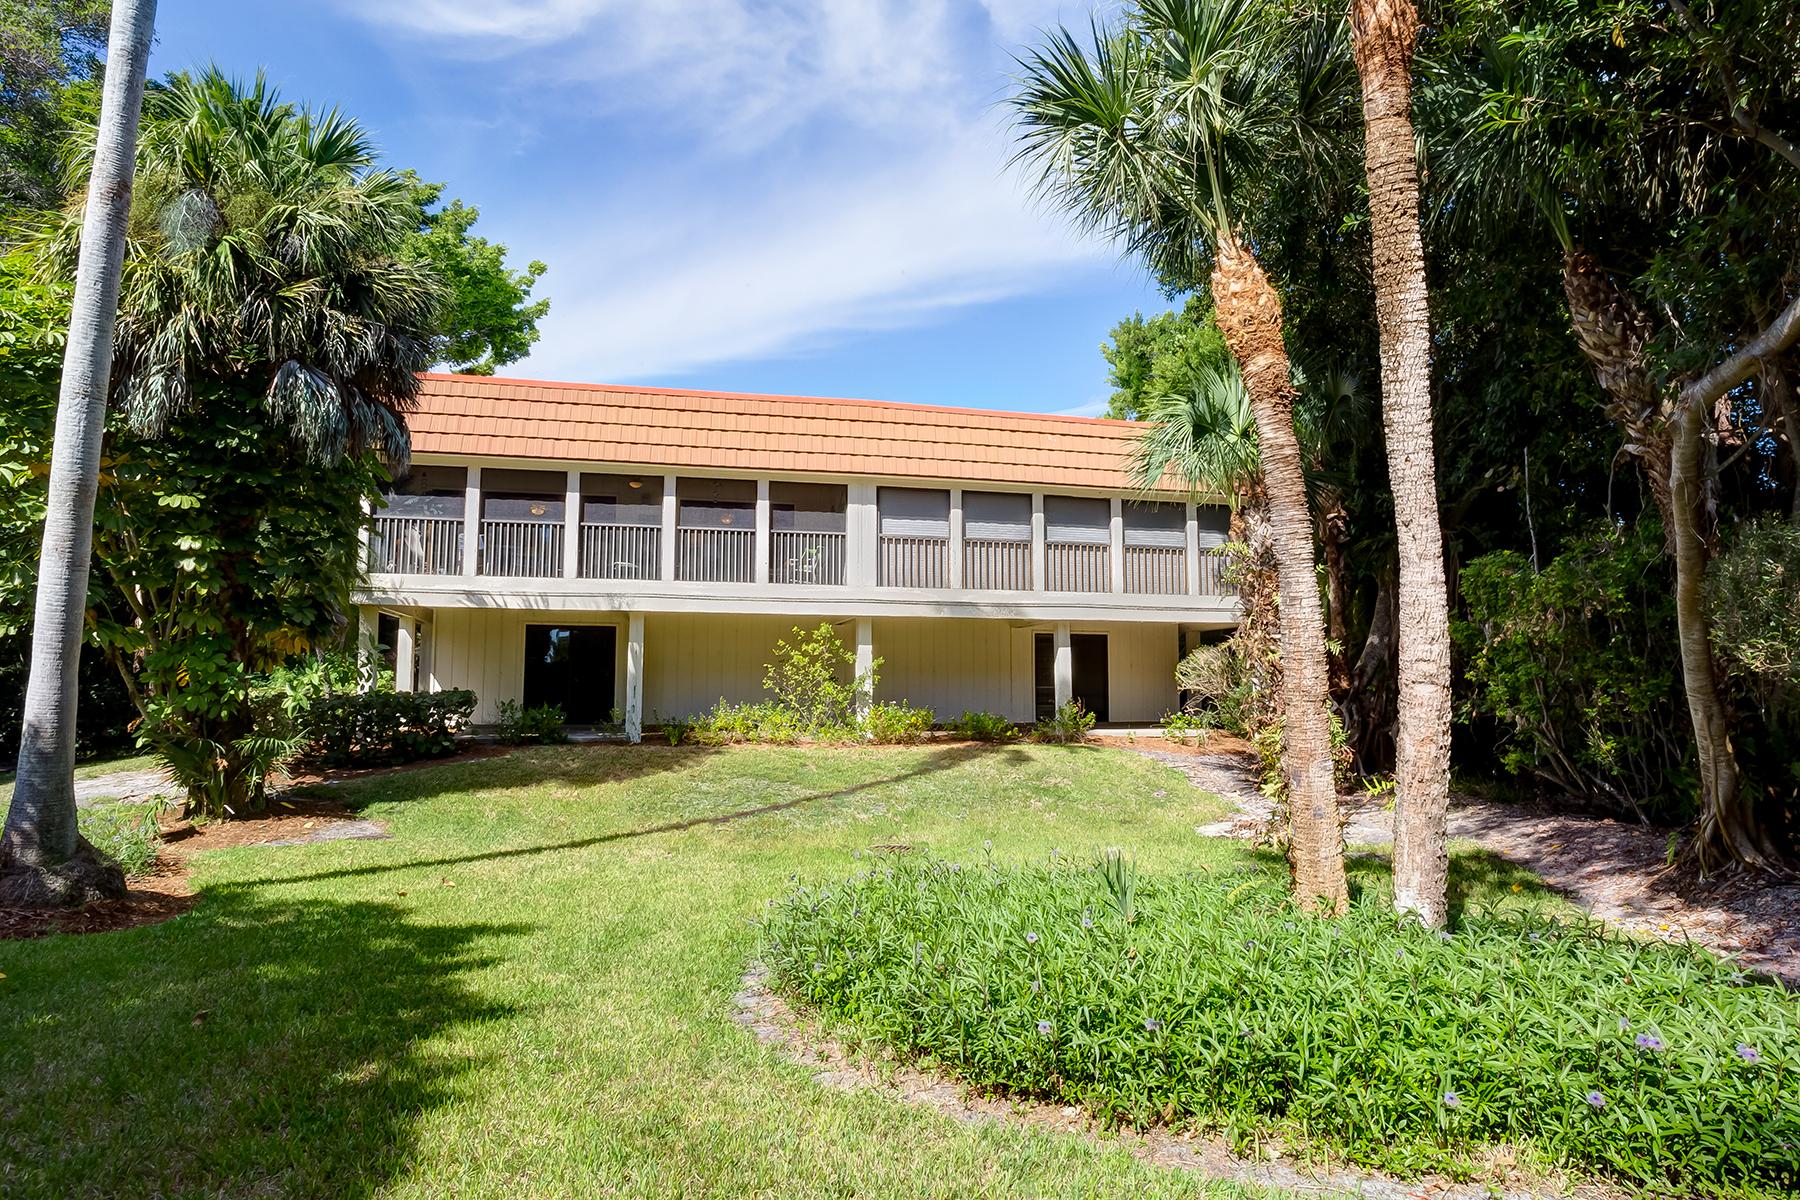 Кондоминиум для того Продажа на SANIBEL 303 Periwinkle Way 312 Sanibel, Флорида, 33957 Соединенные Штаты